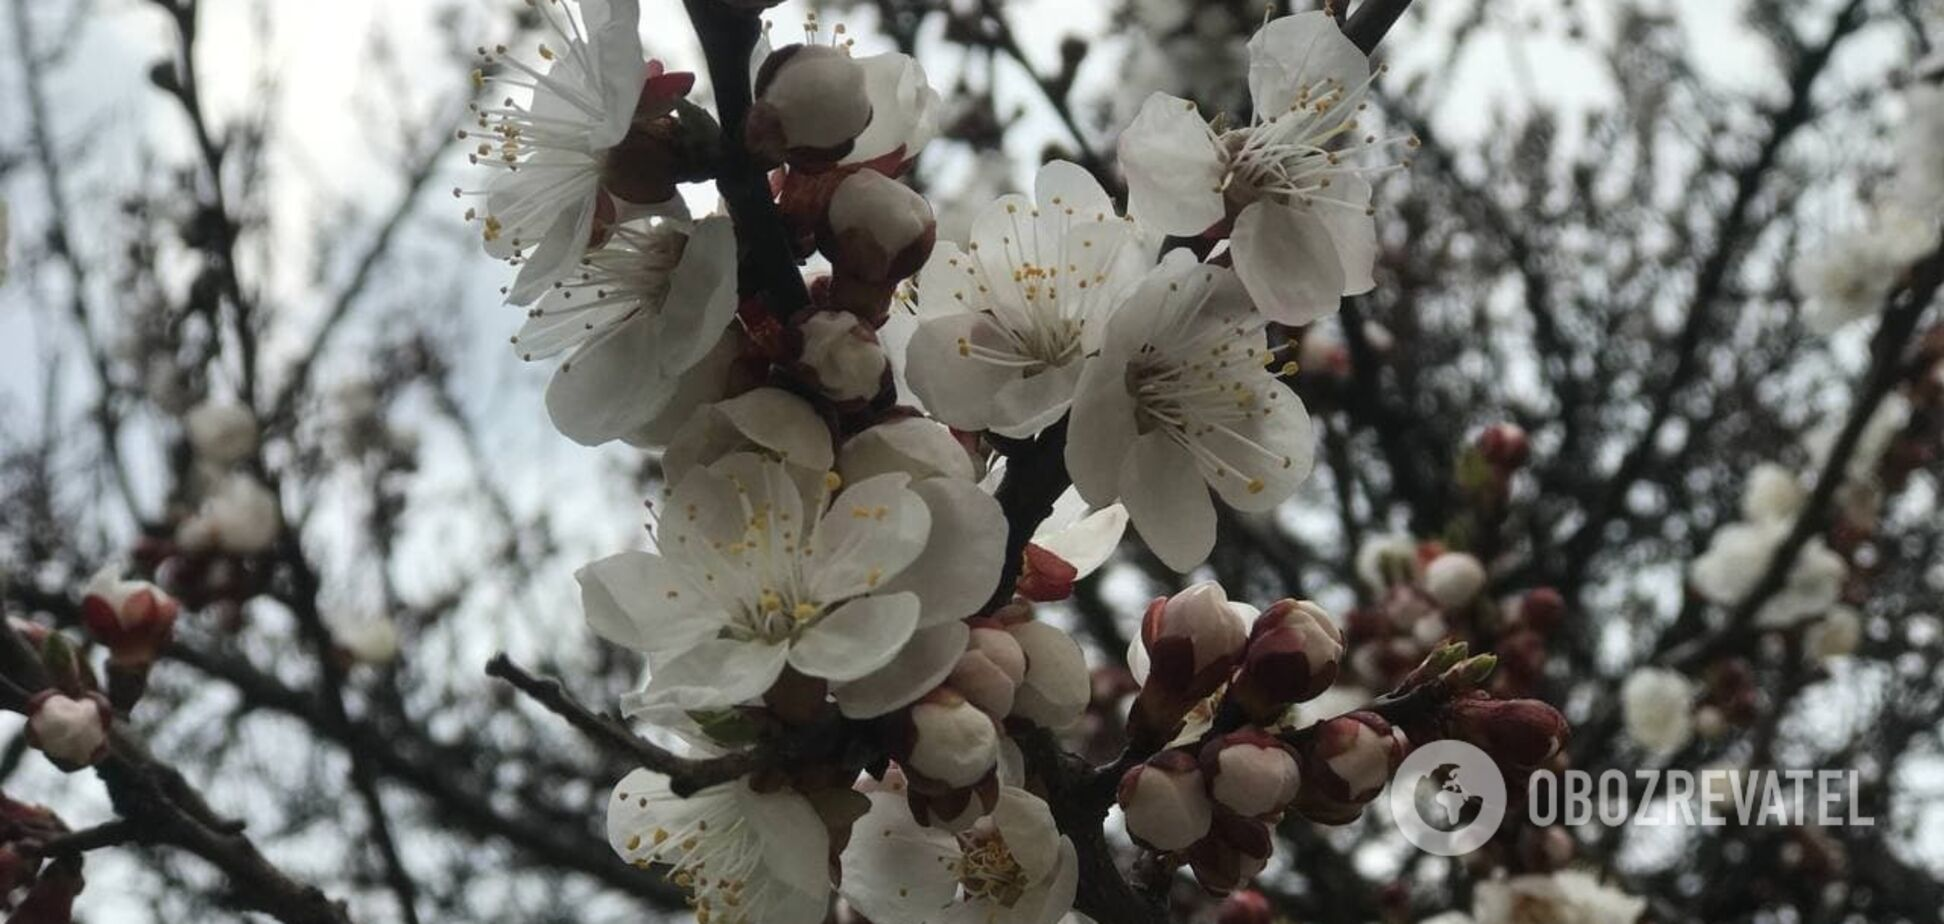 У Києві зацвіли абрикоси та почало розпускатися листя на деревах. Фото